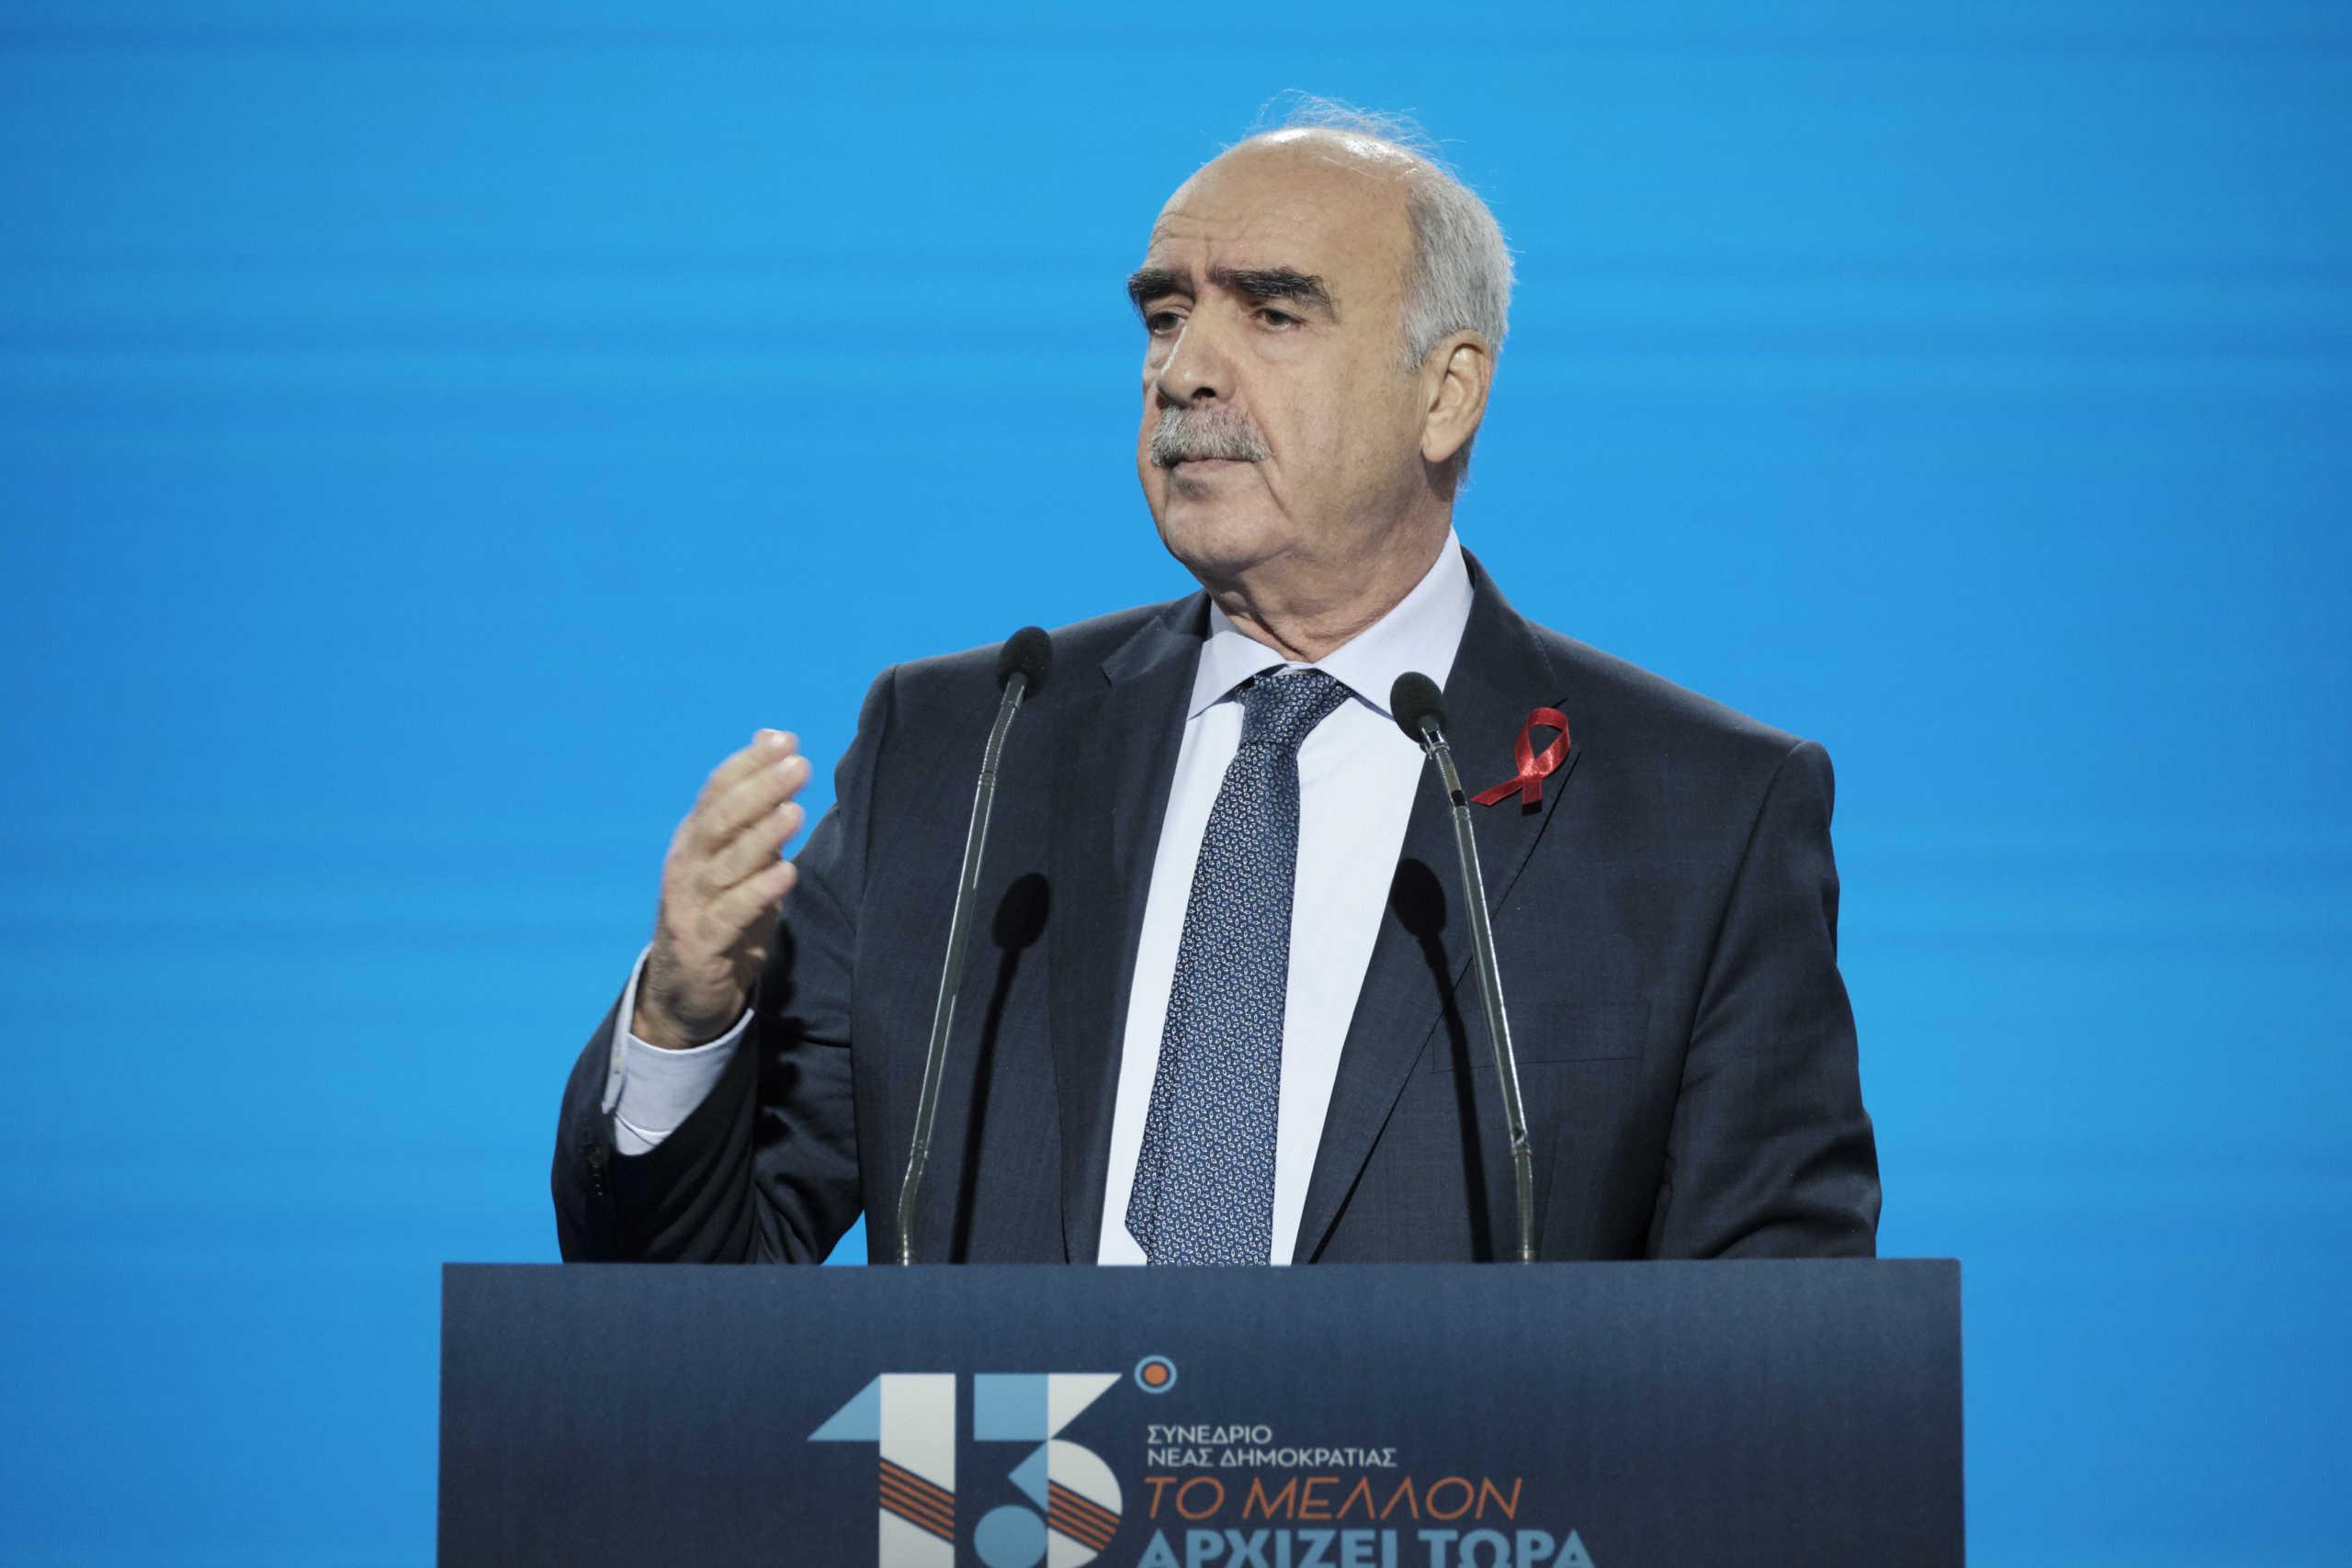 Το ΕΛΚ καταδικάζει τις ενέργειες της Τουρκίας και στηρίζει την Ελλάδα